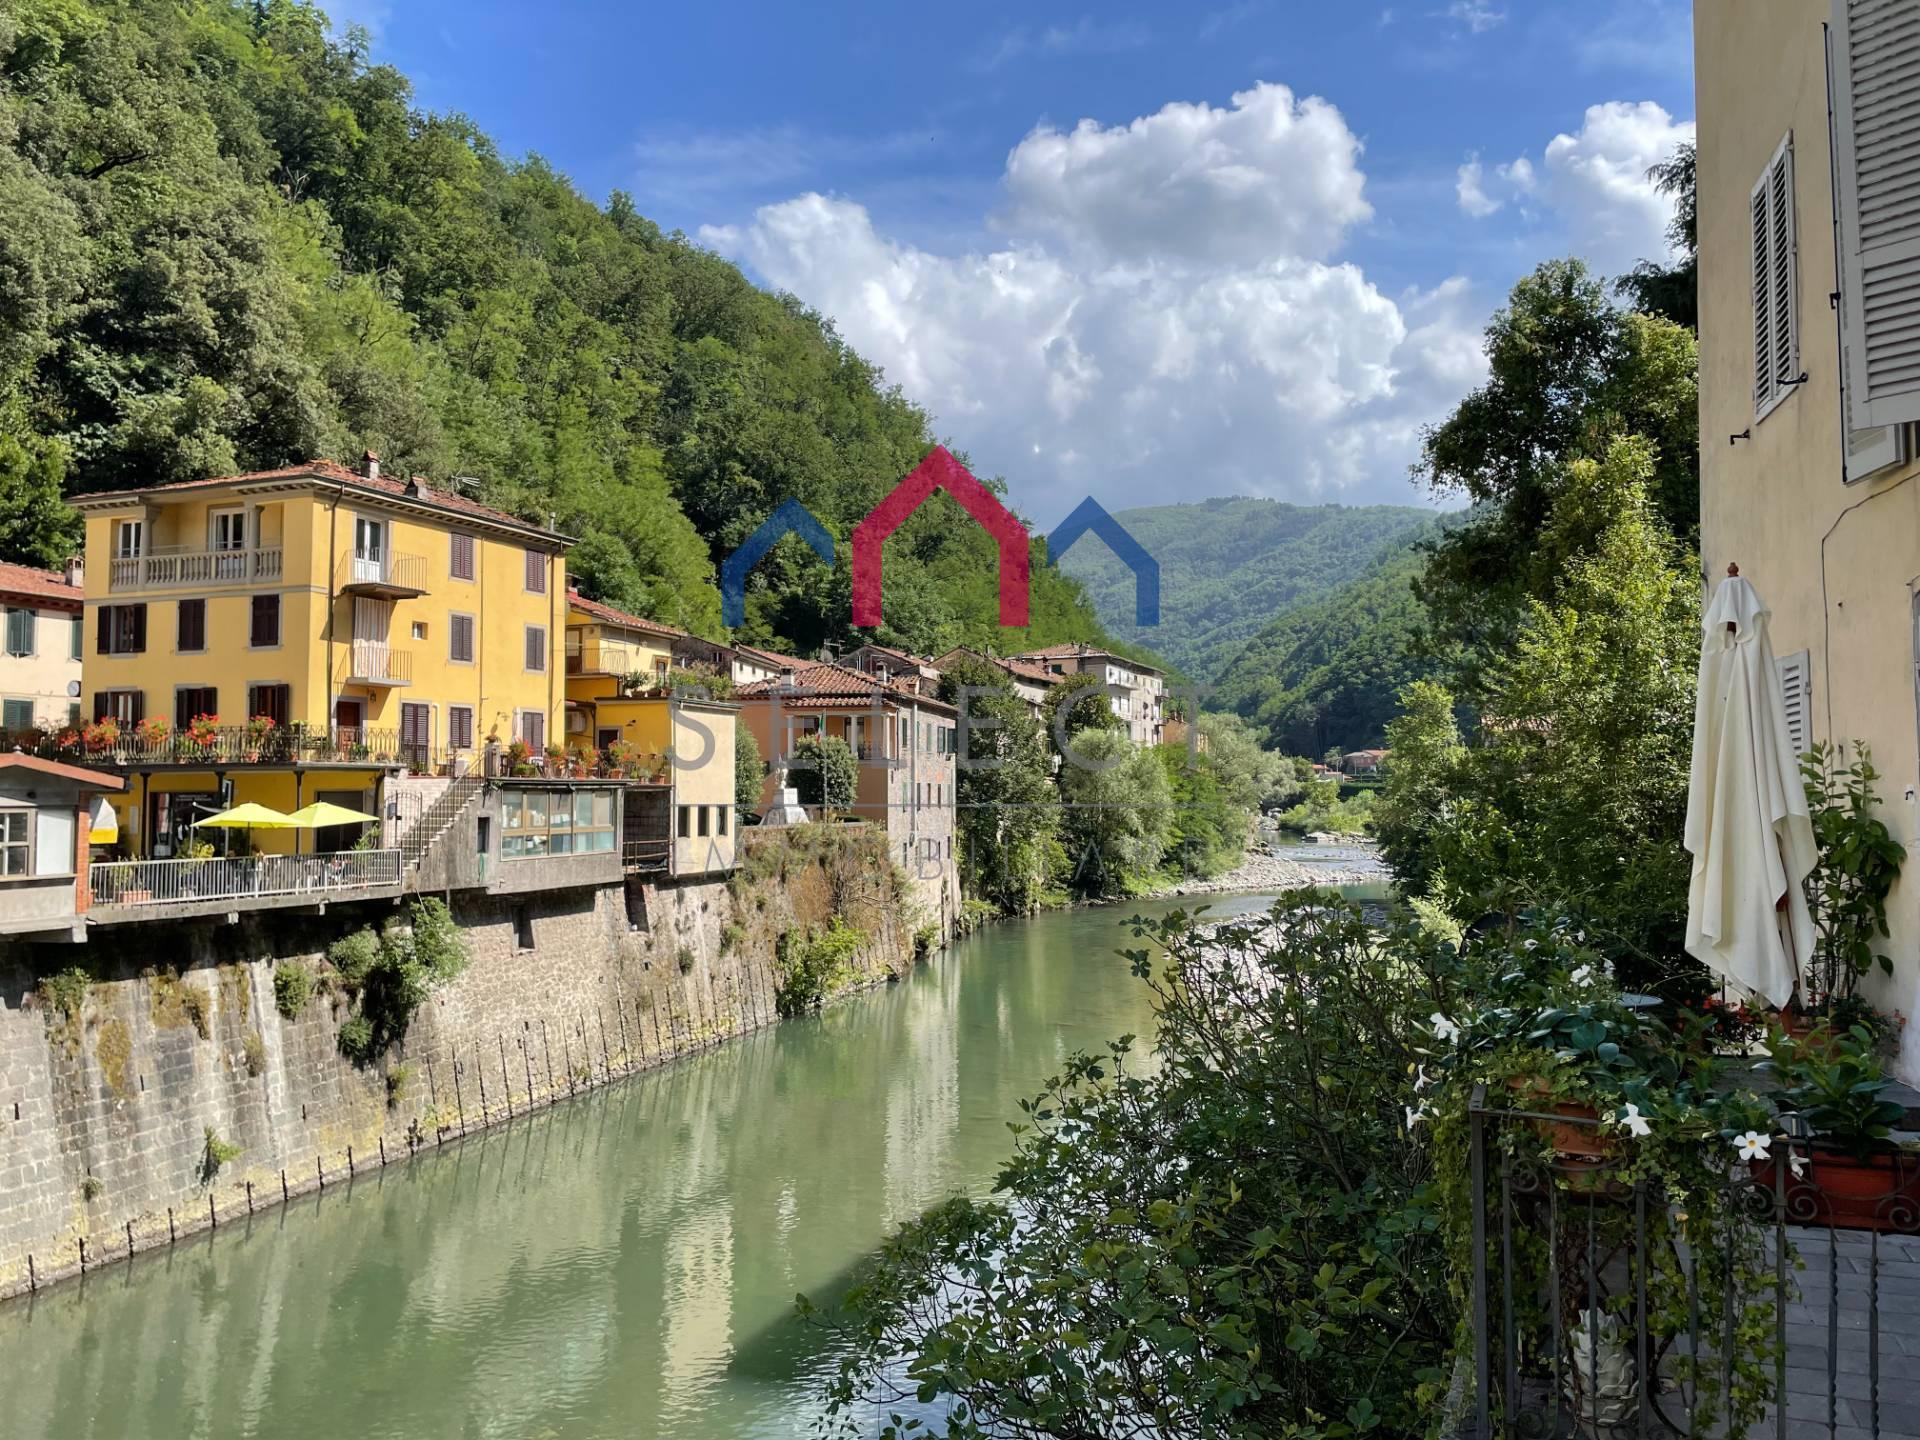 Appartamento in vendita a Bagni di Lucca, 7 locali, zona Località: PonteaSerraglio, prezzo € 90.000 | CambioCasa.it